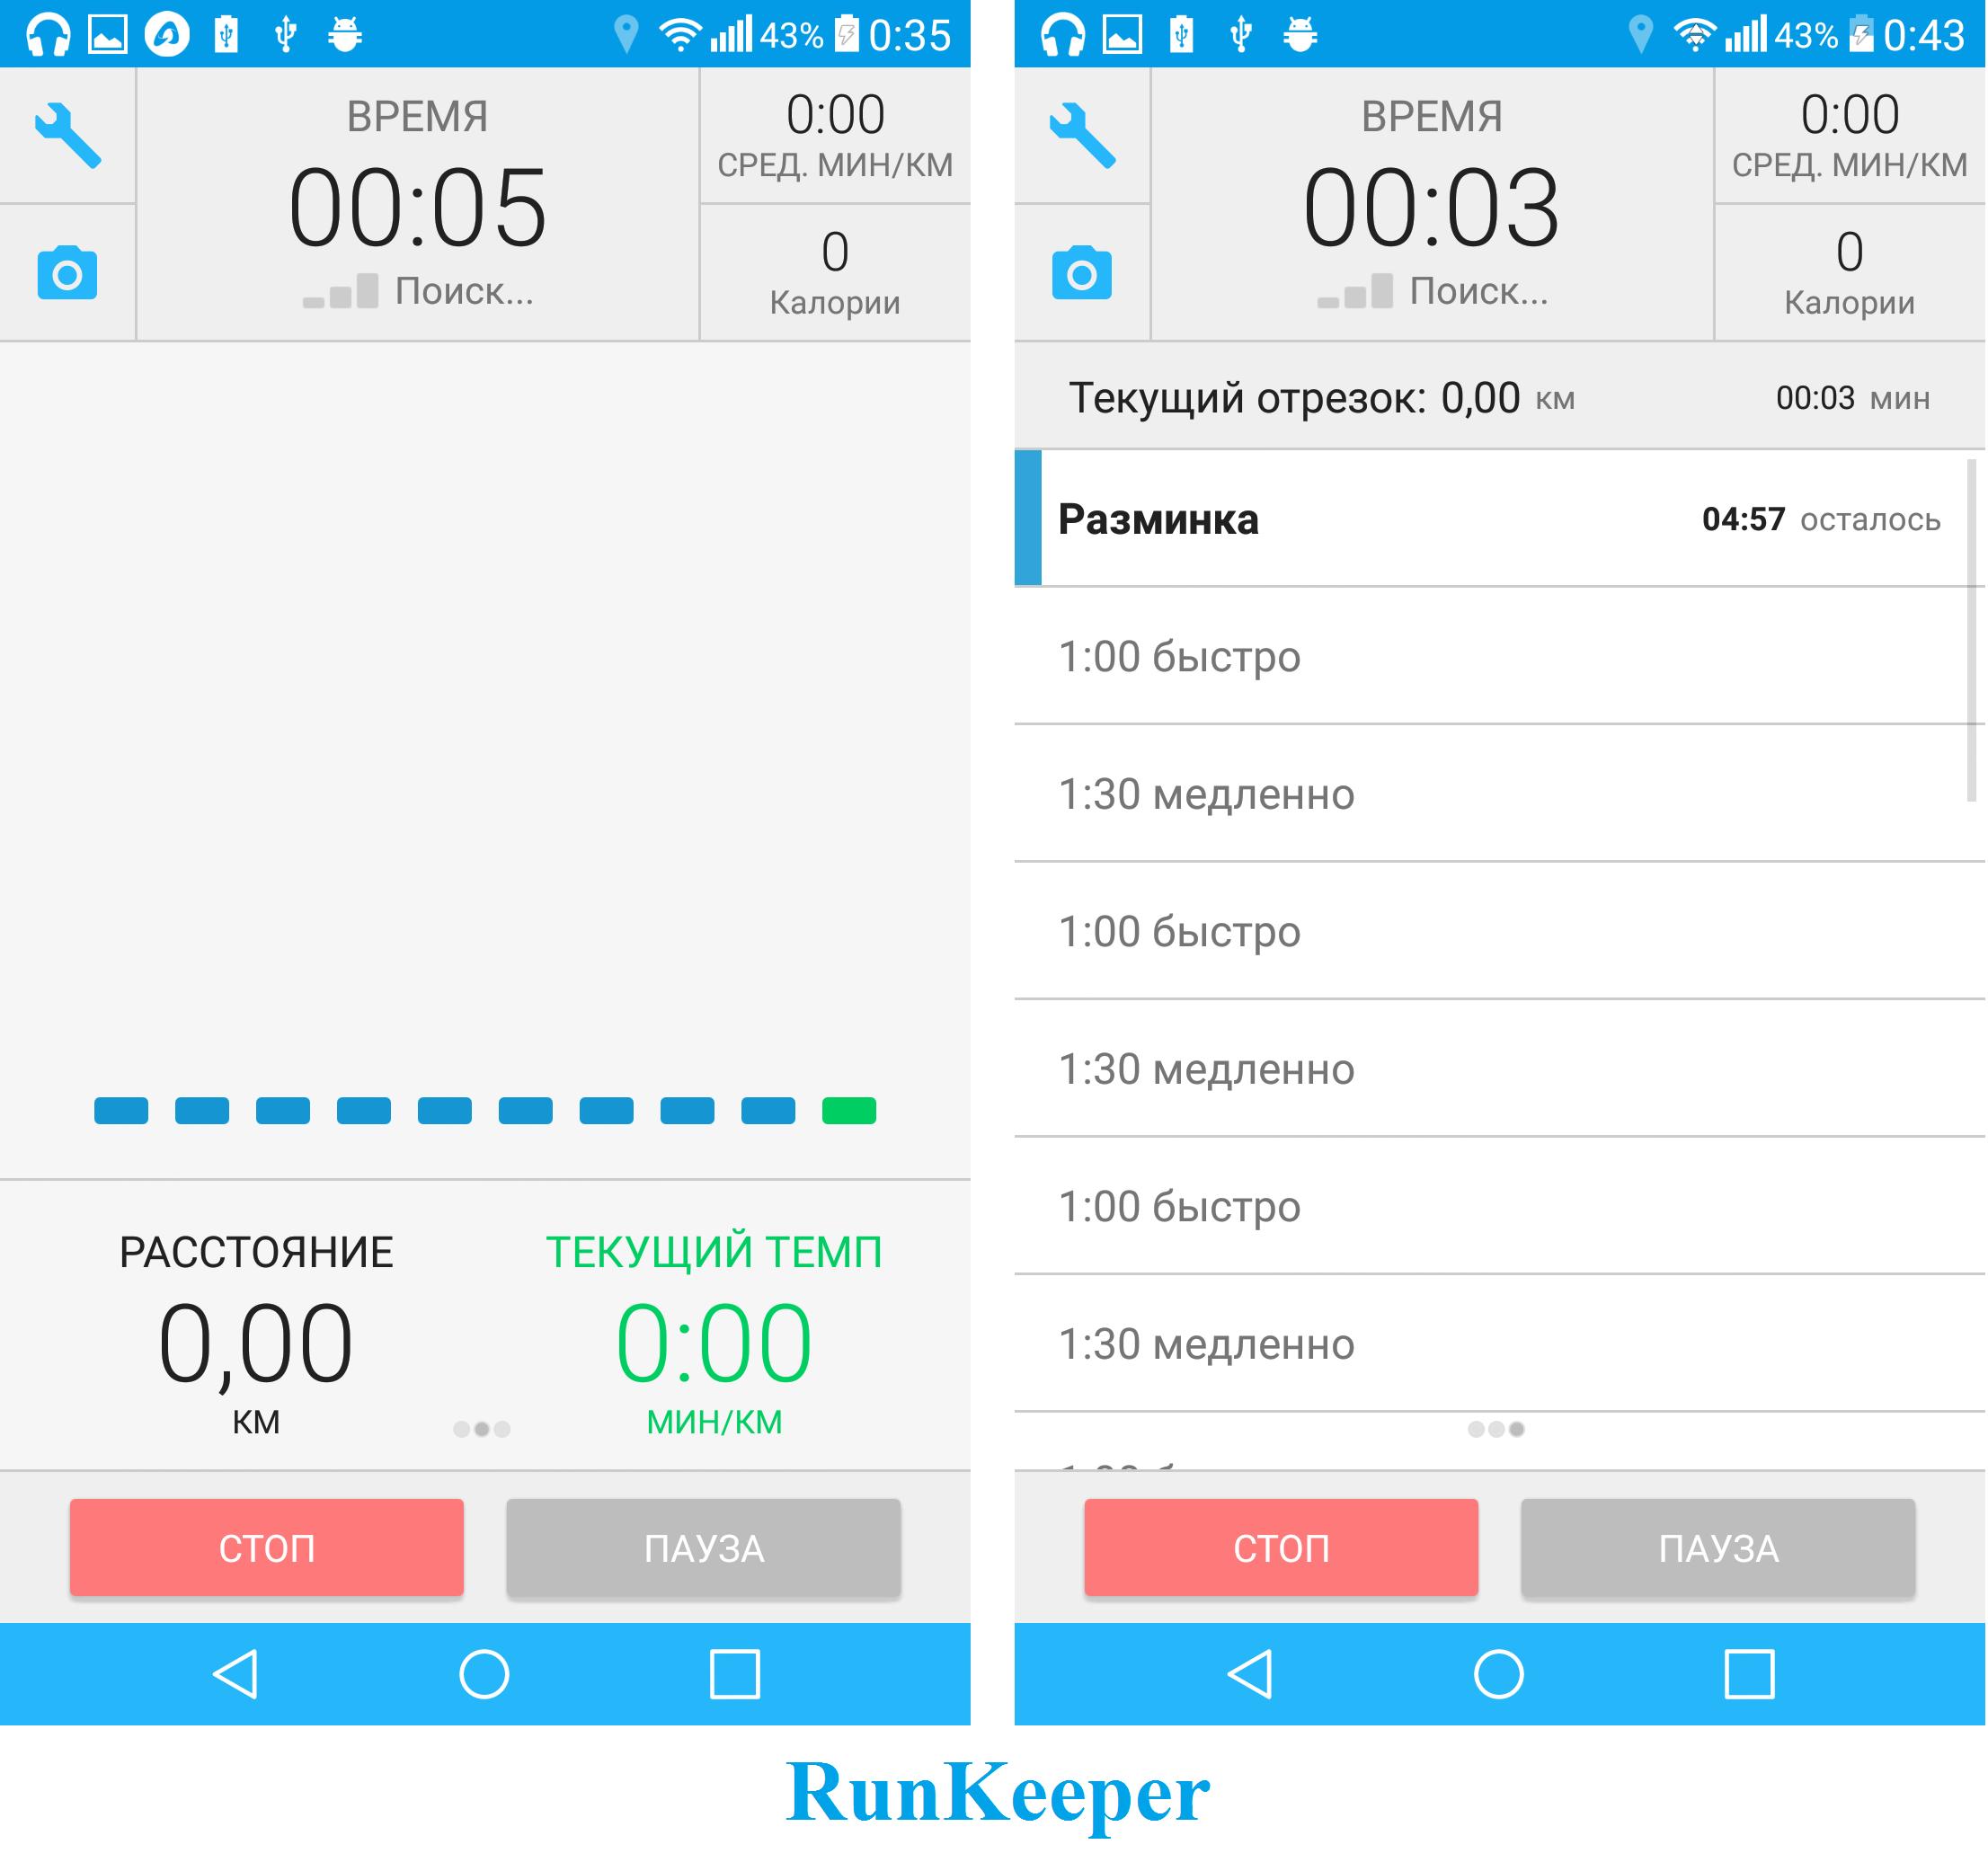 Лучших приложений для занятий бегом - AndroidPIT